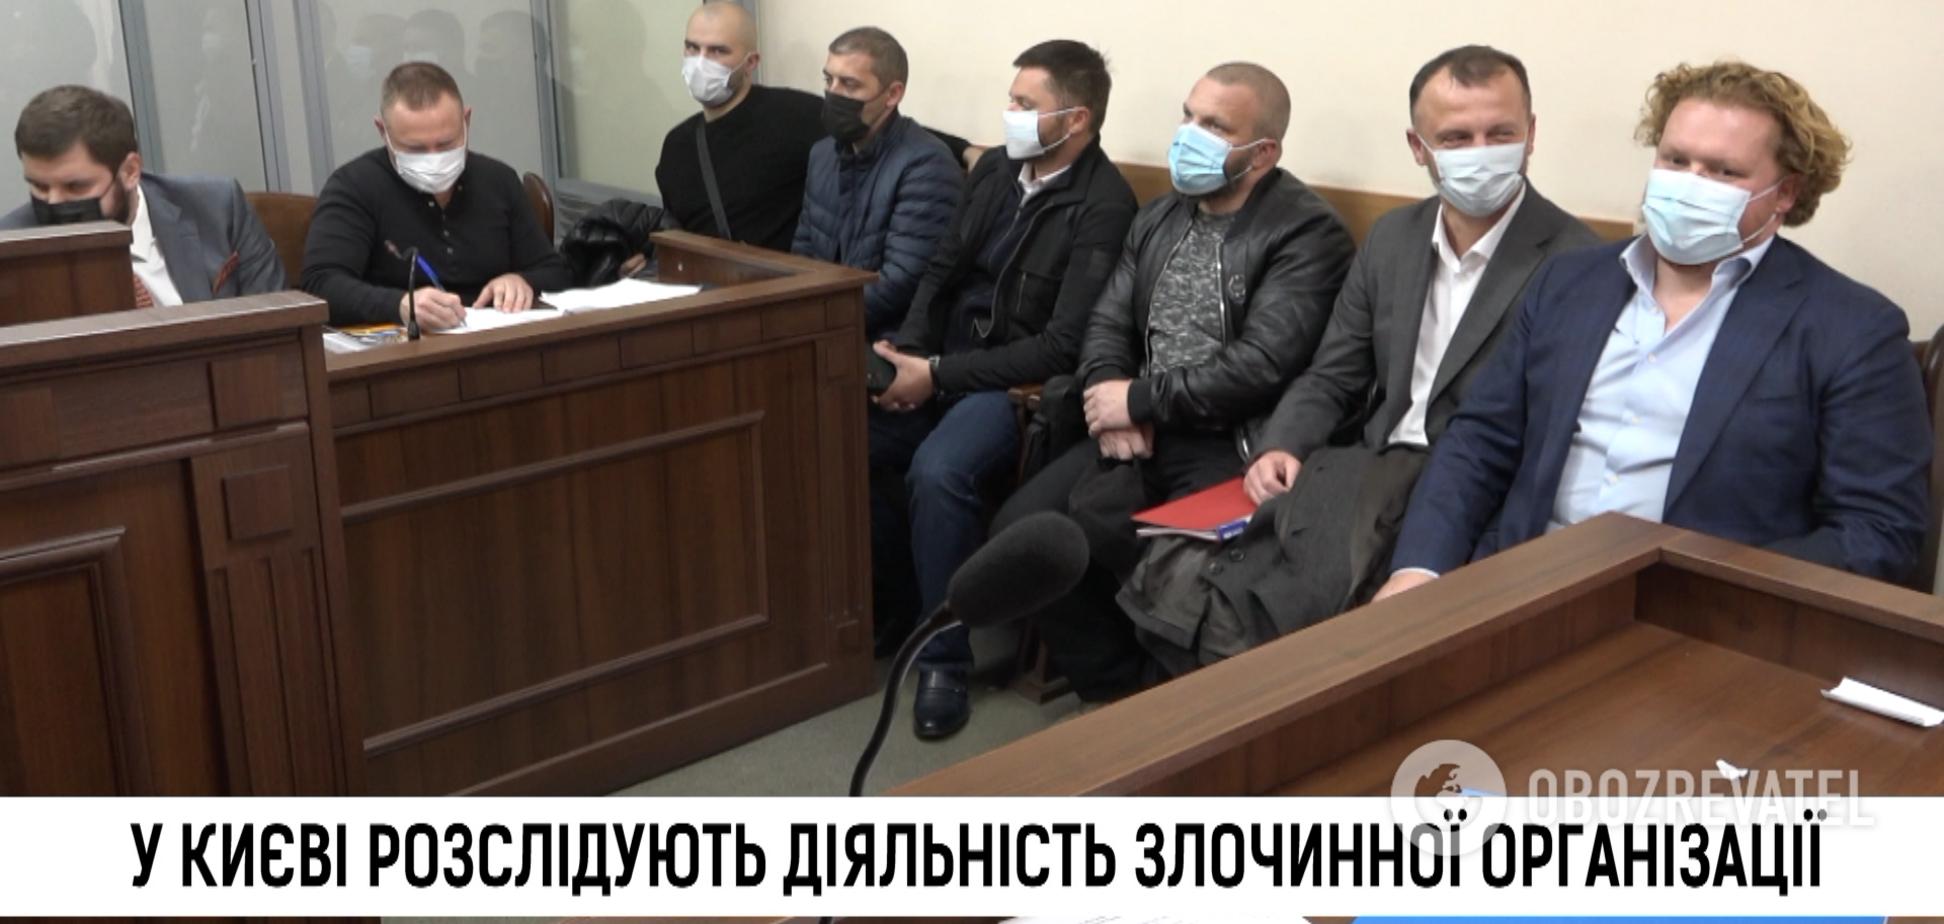 Здав спільників і отримав рік умовно. У Києві розслідують діяльність злочинної організації